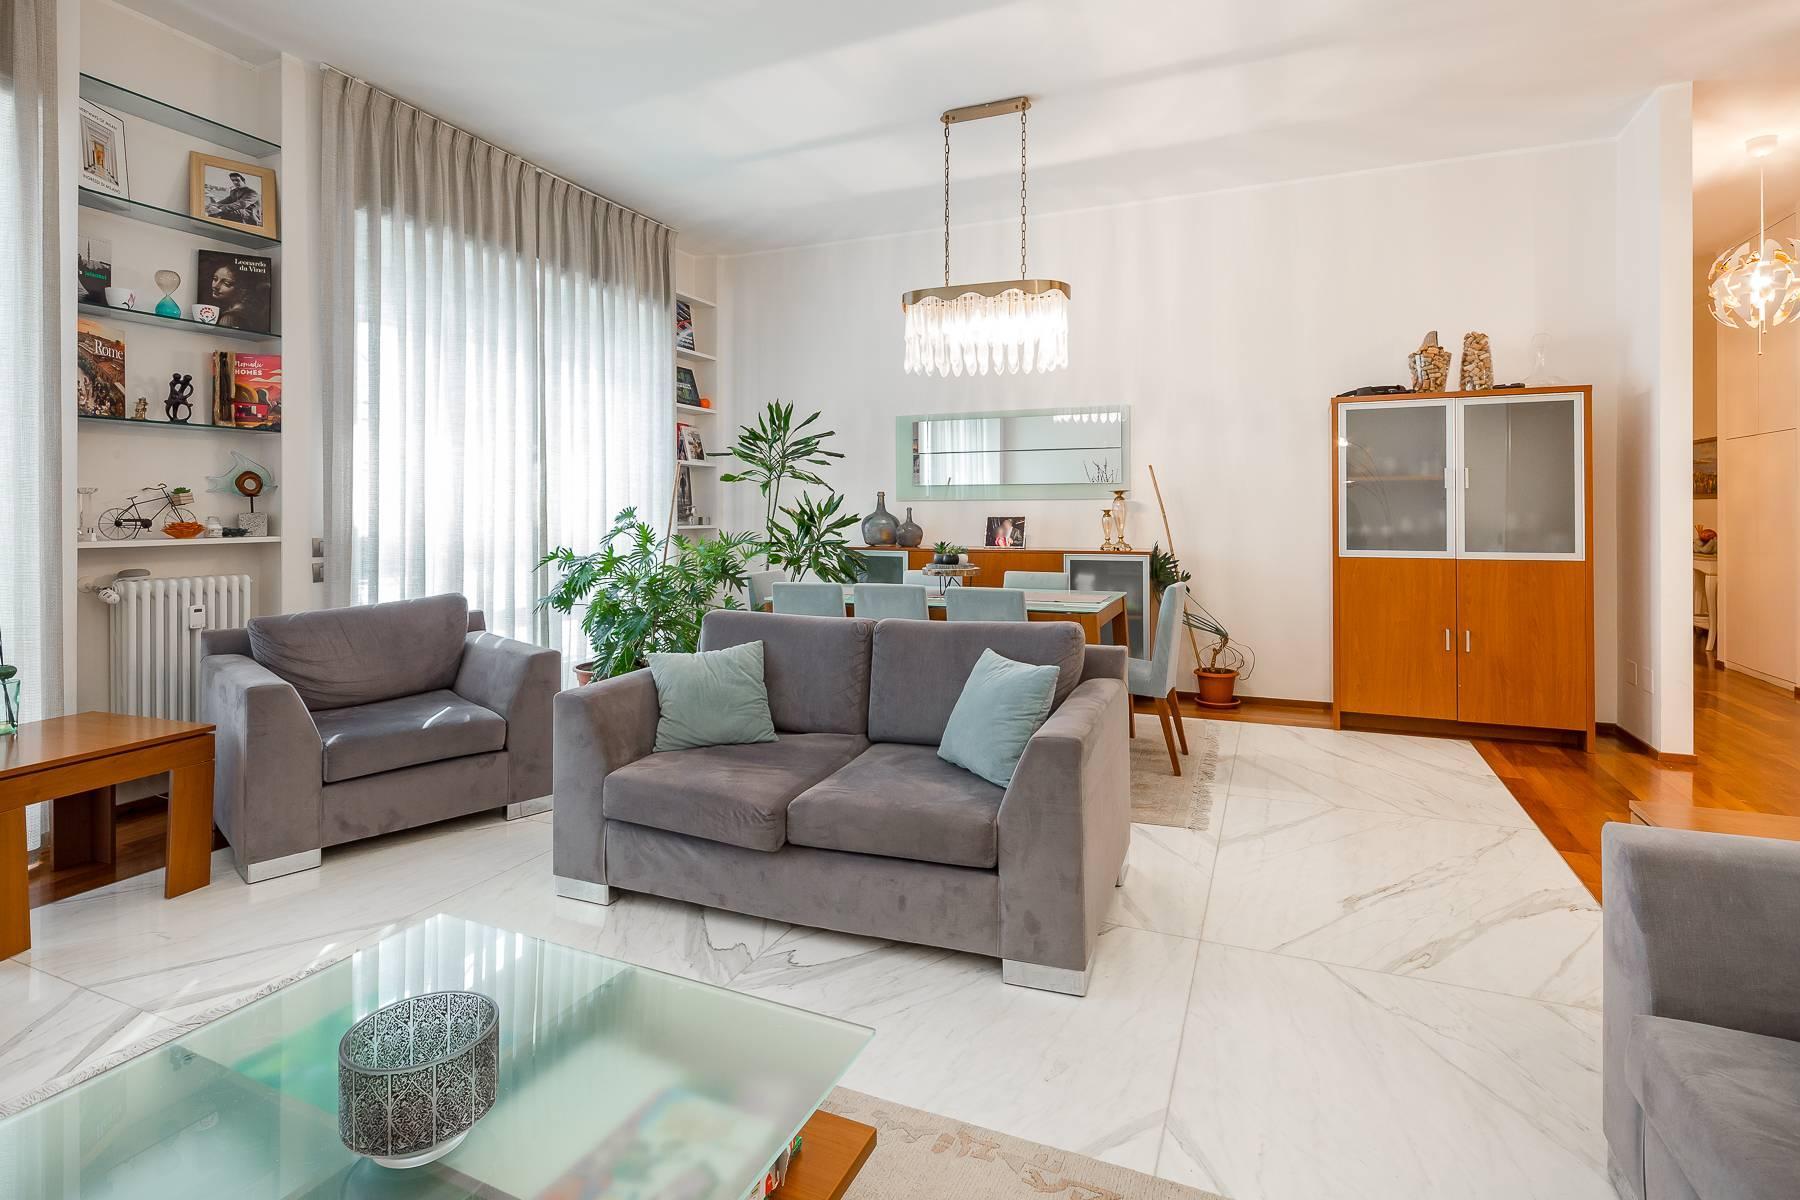 Renovierte Wohnung im Stadtviertel Ticinese/Darsena - 4